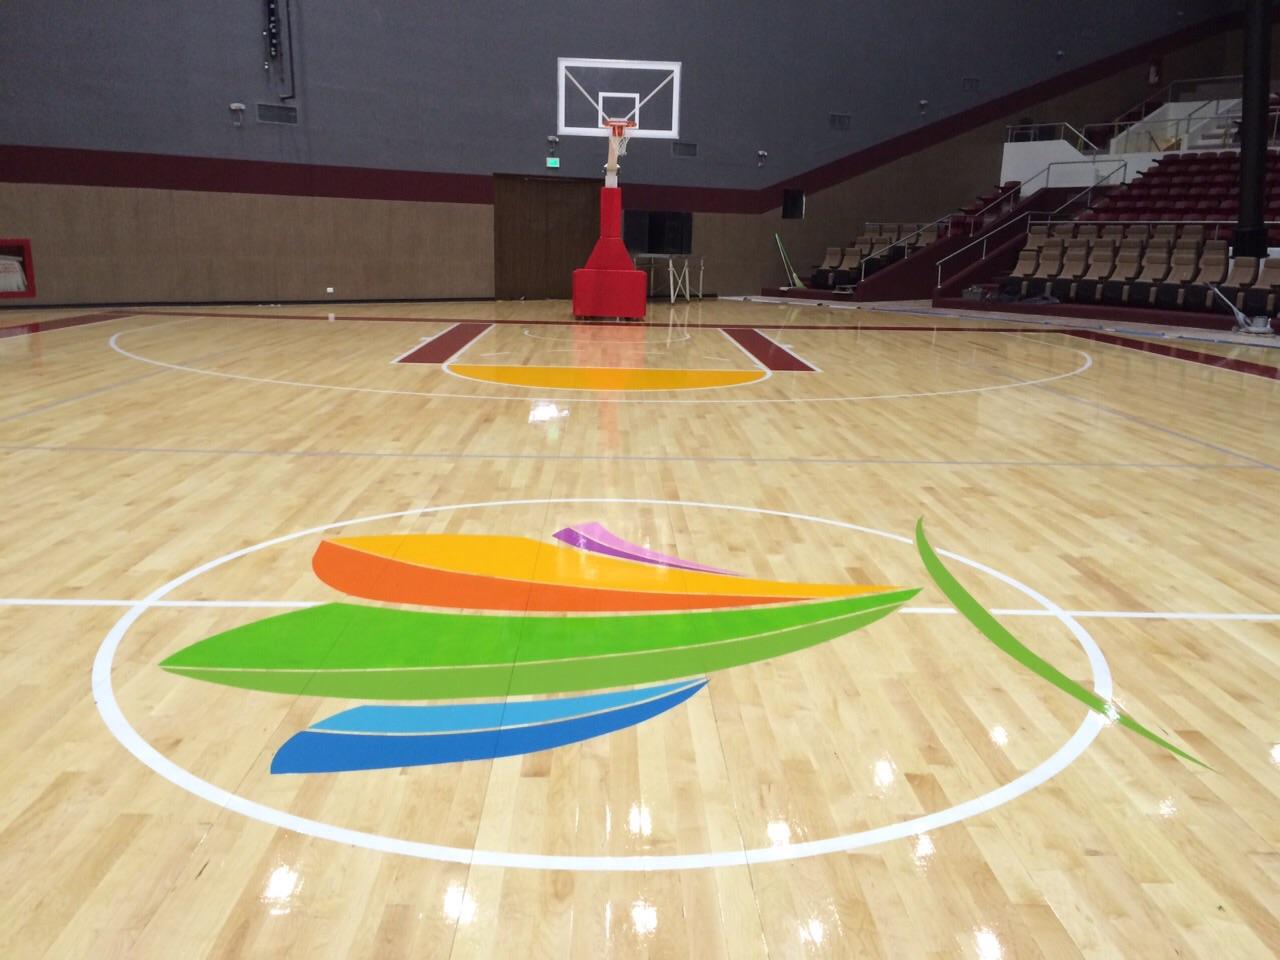 imagenes de la cancha de baloncesto